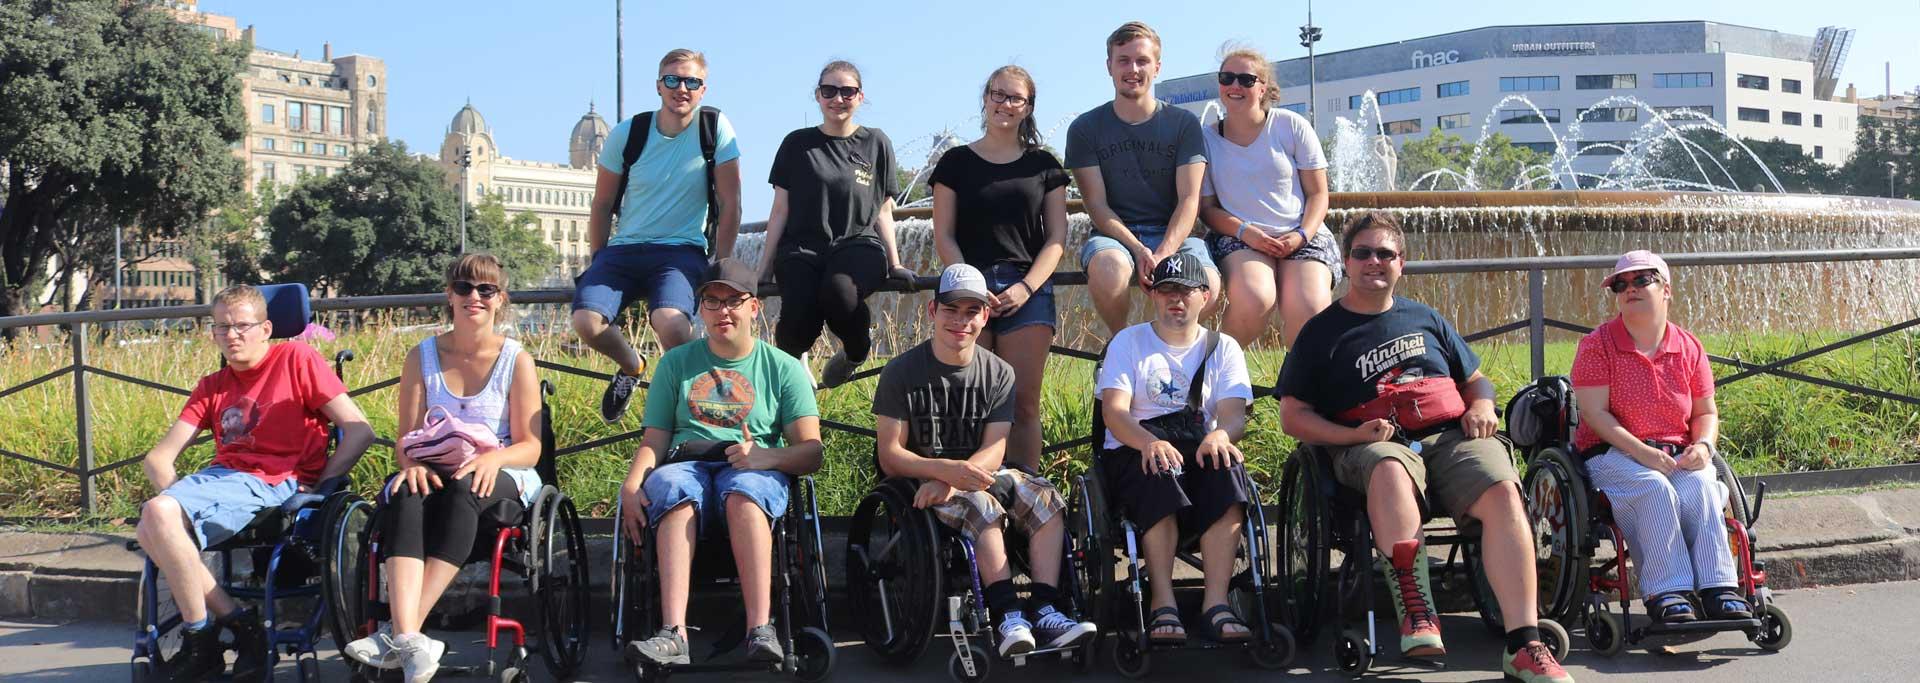 Reisen für Behinderte - Rollstuhlurlaub Barcelona